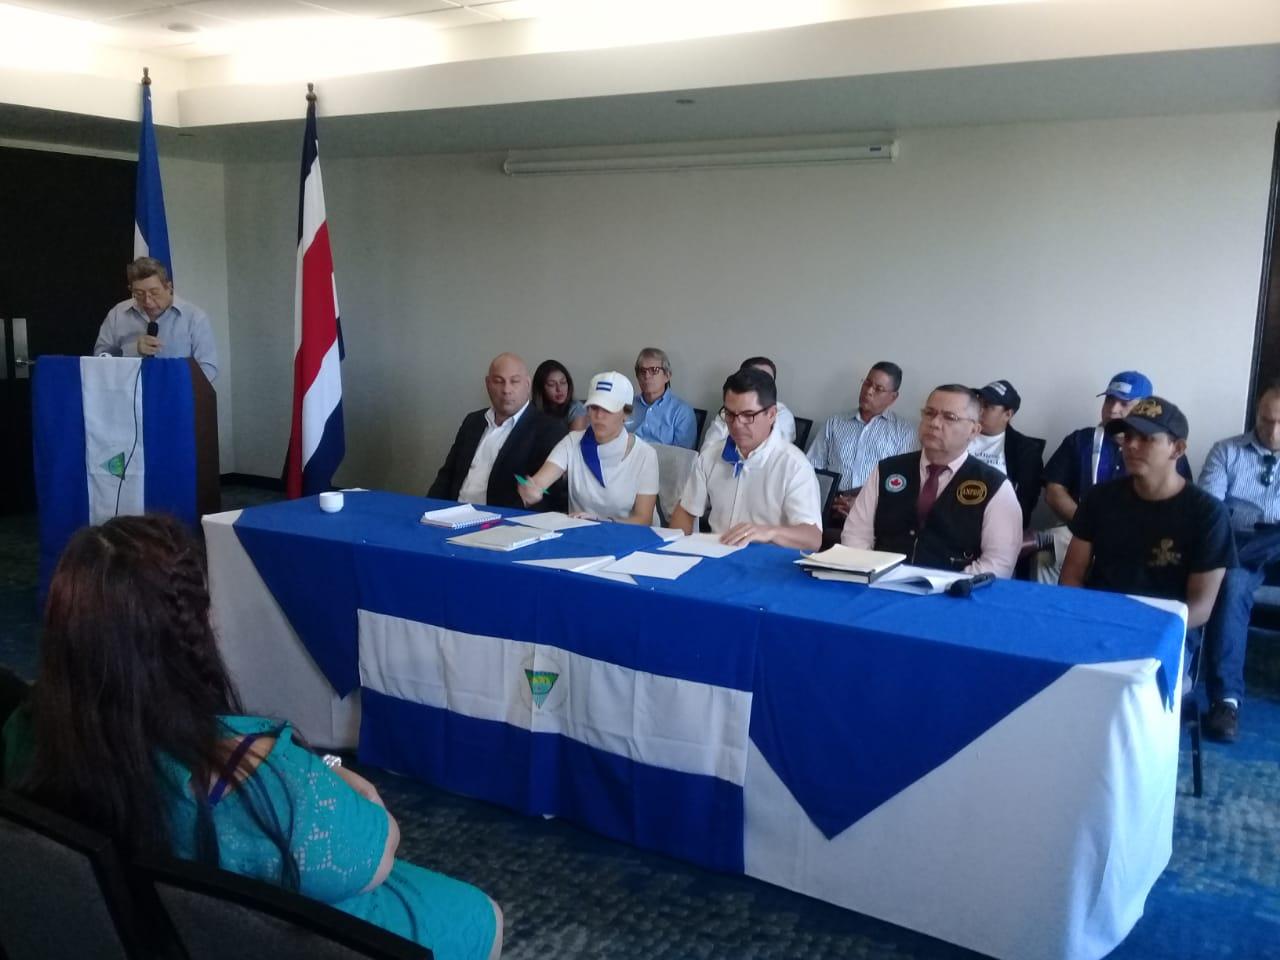 Constituyen la Unión Nicaragüense de Exiliados en Costa Rica para continuar la resistencia contra la dictadura. Foto: J. Garay / Artículo 66